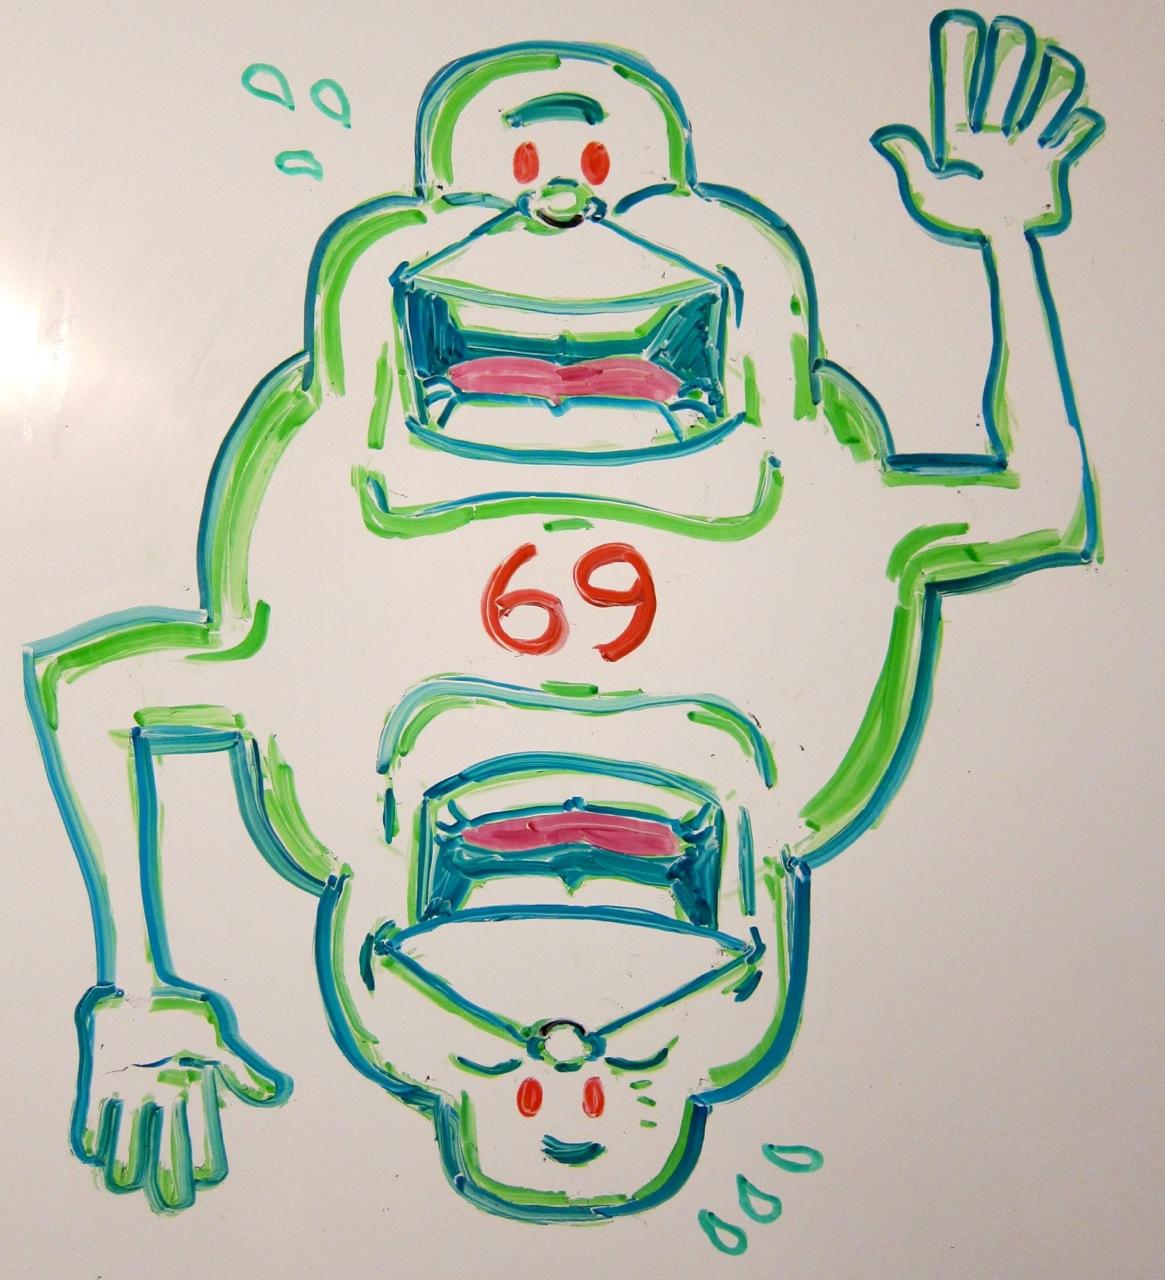 69.jpeg